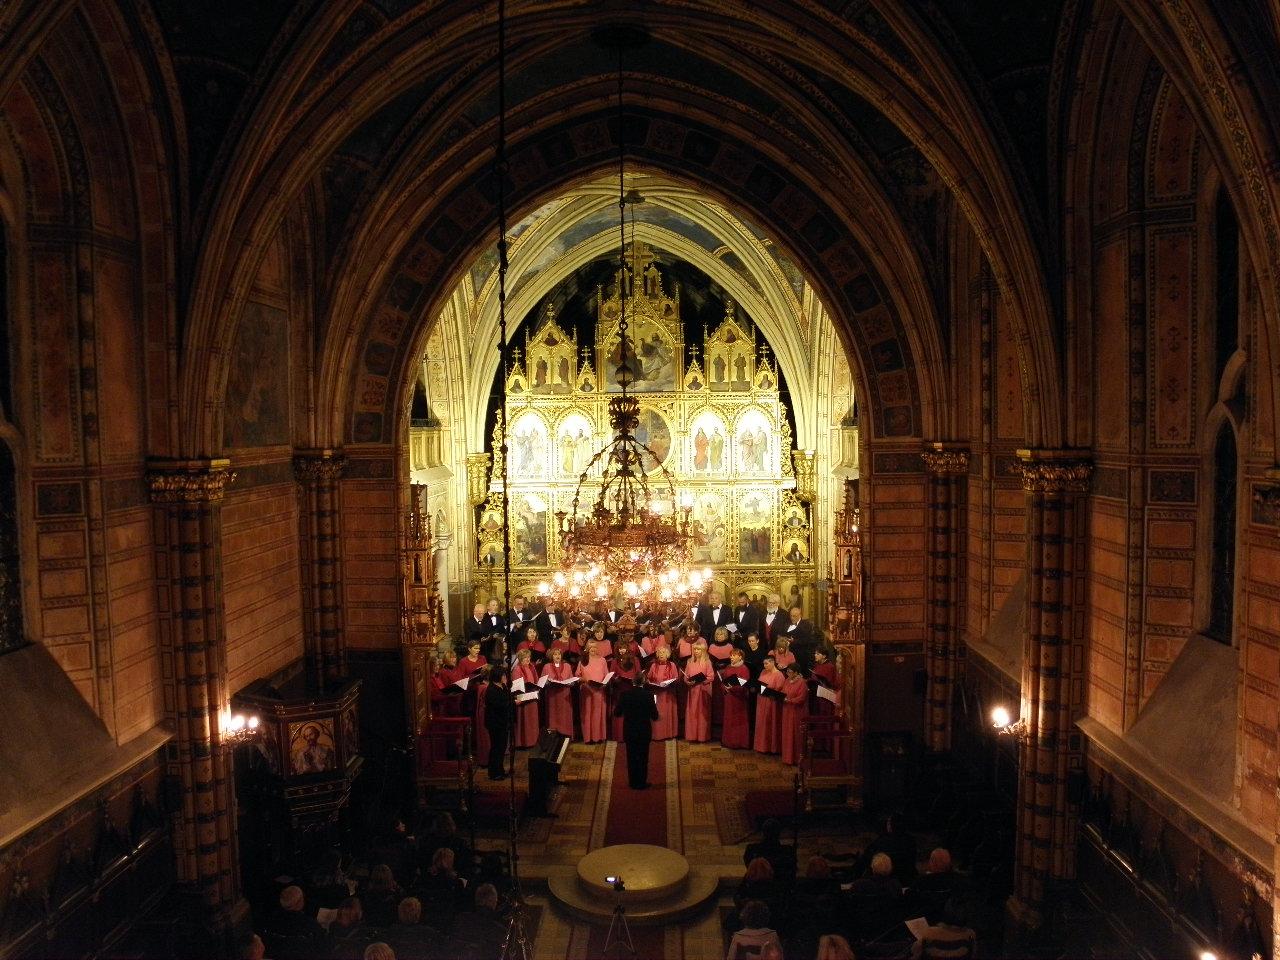 Pjevački zbor Emil Cossetto u nedjelju, 23. listopada 2016. u križevačkoj katedrali (foto R.Matić)